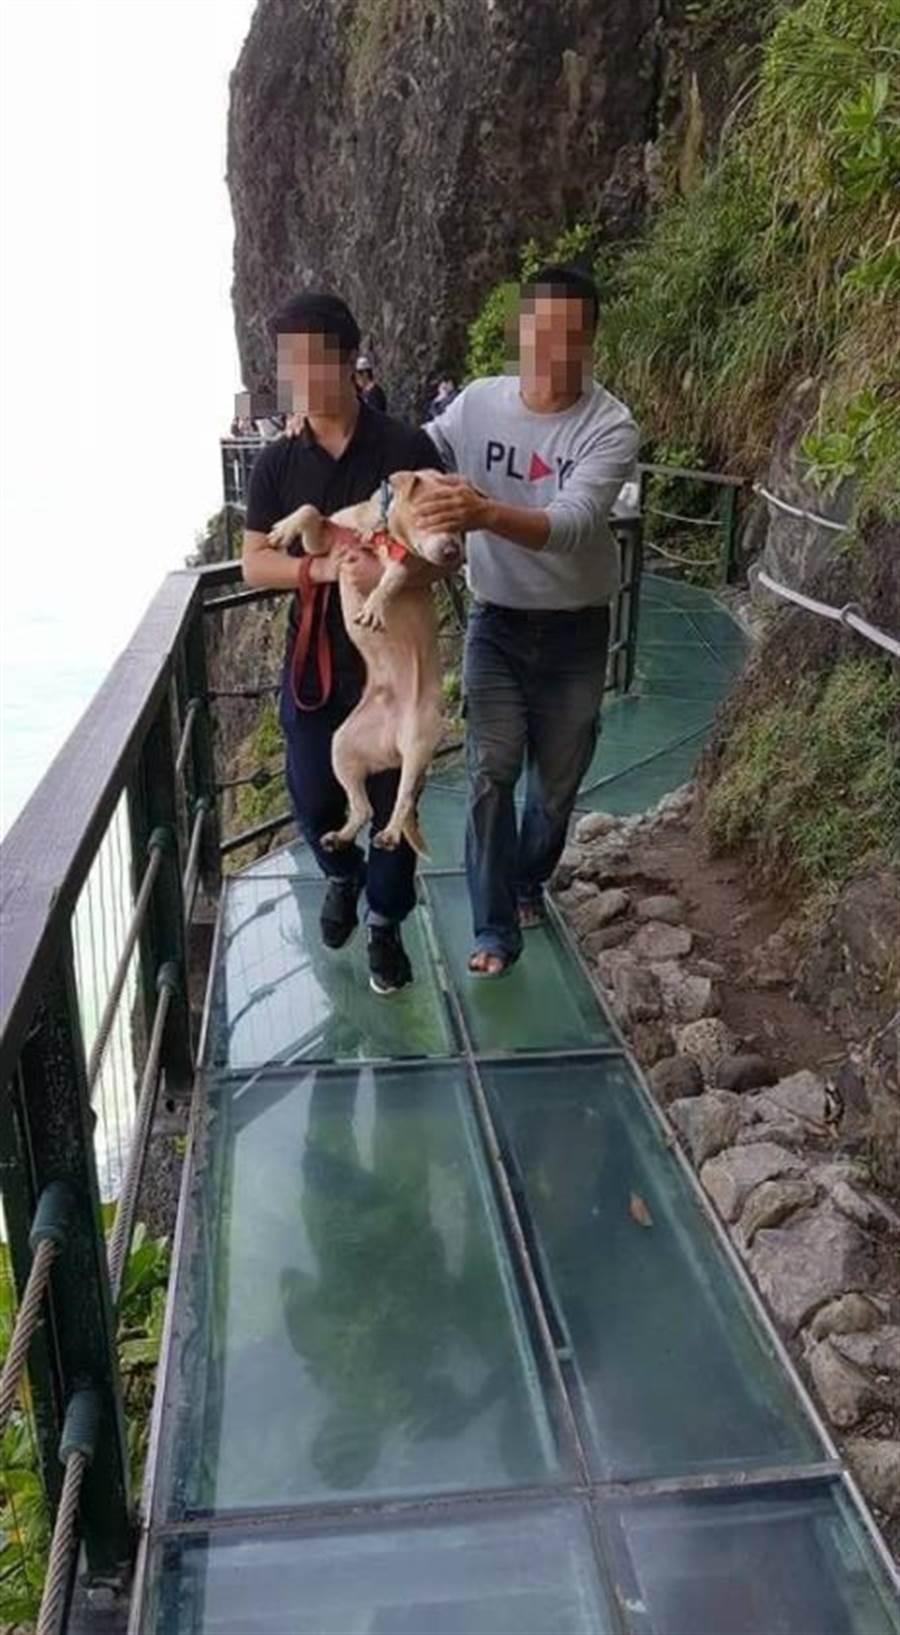 主人將狗狗扛起,另一人用遮住狗狗眼睛,將牠帶離天空步道。(圖/翻攝自爆笑公社)